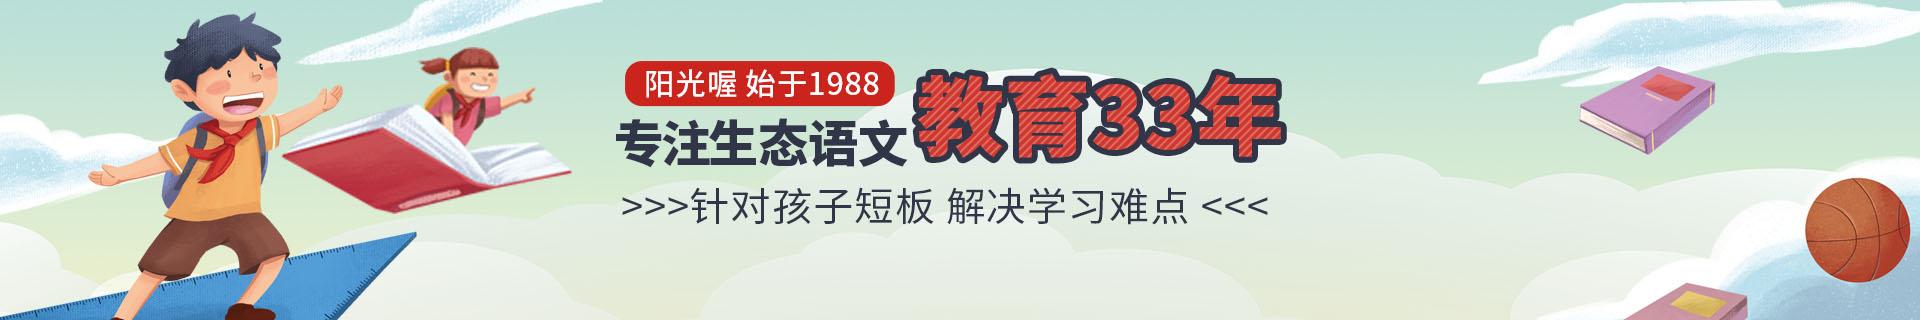 广州天河区阳光喔作文培训